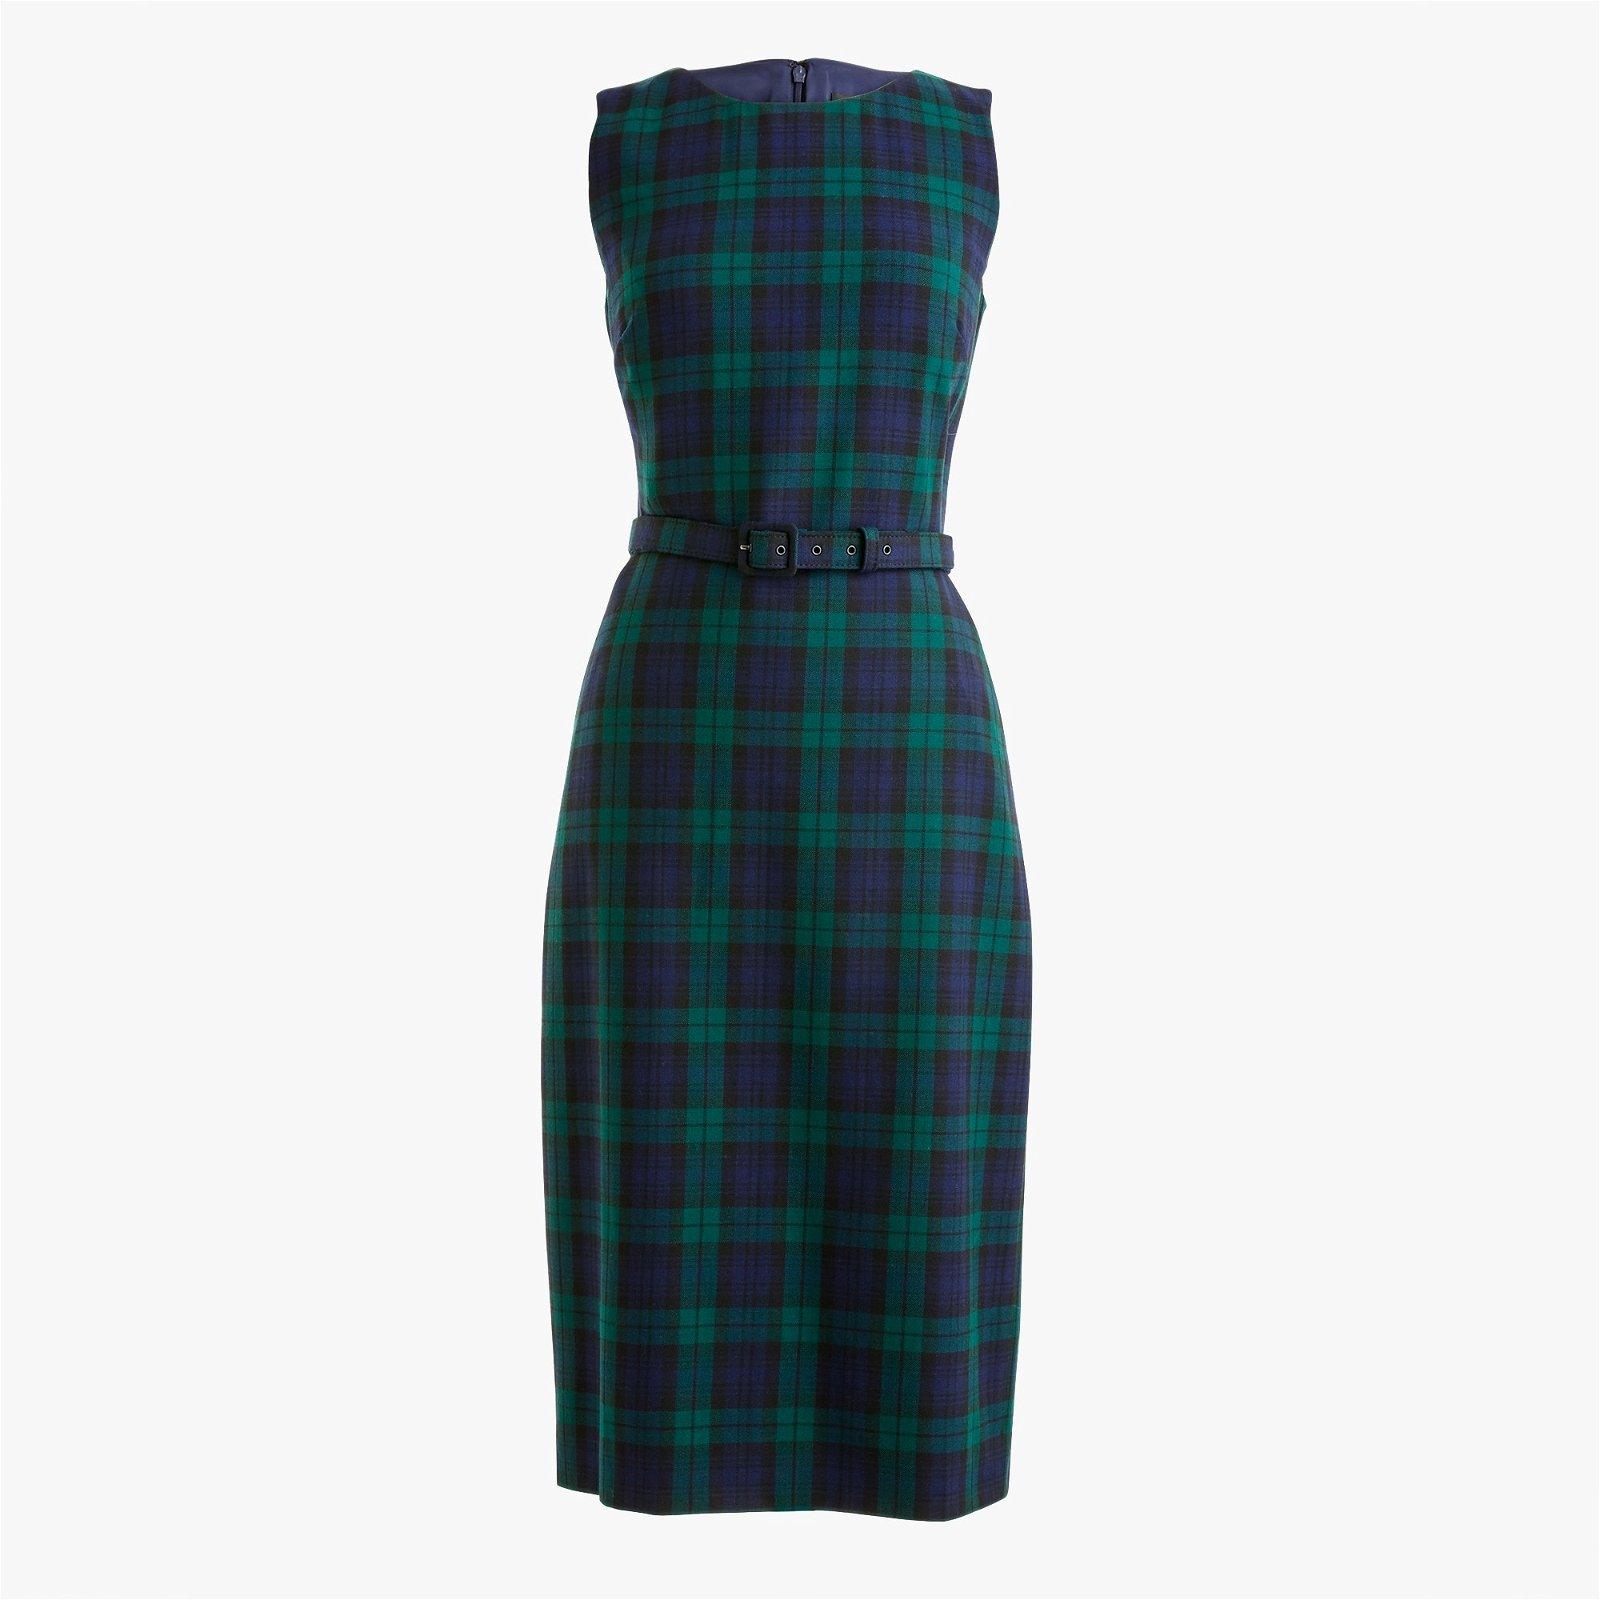 Belted sheath dress in Black Watch tartan